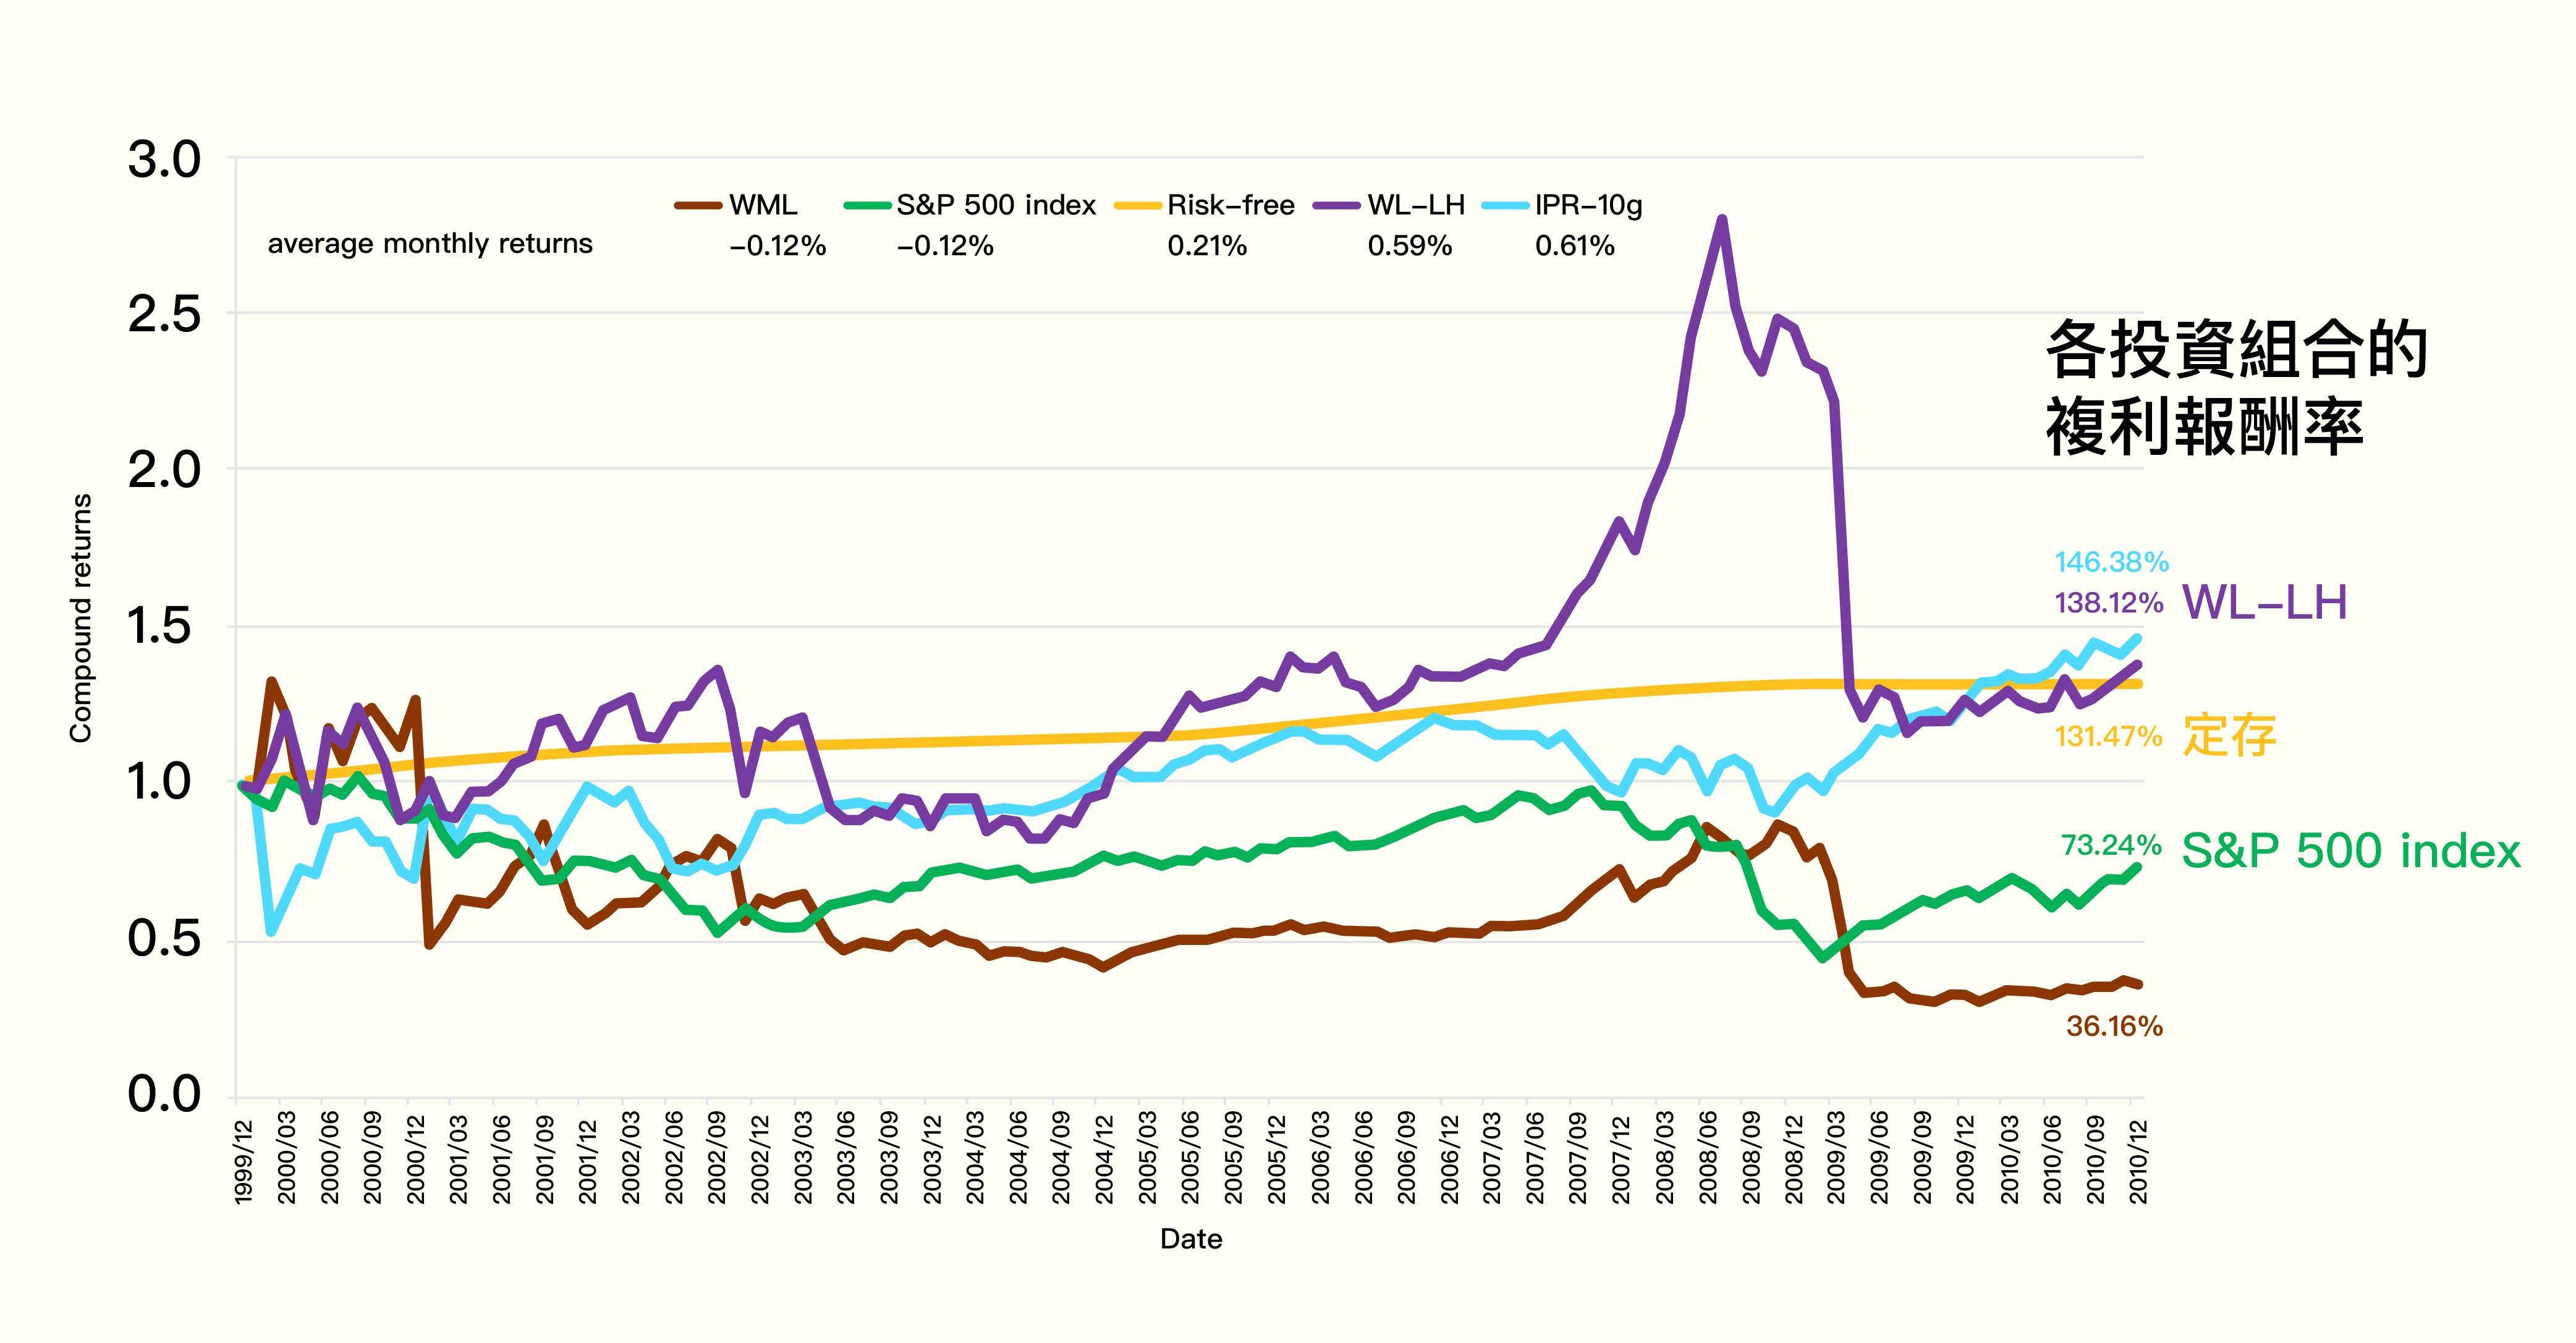 將 WL-LH 投資策略以美股歷史資料實證,雖然在 2008 年金融海嘯大起大落,但其 2000-2010 年累計複利報酬率為 138.12%,若投資 100 元會獲得 138 元。圖│研之有物(資料來源│Implied price risk and momentum strategy.)